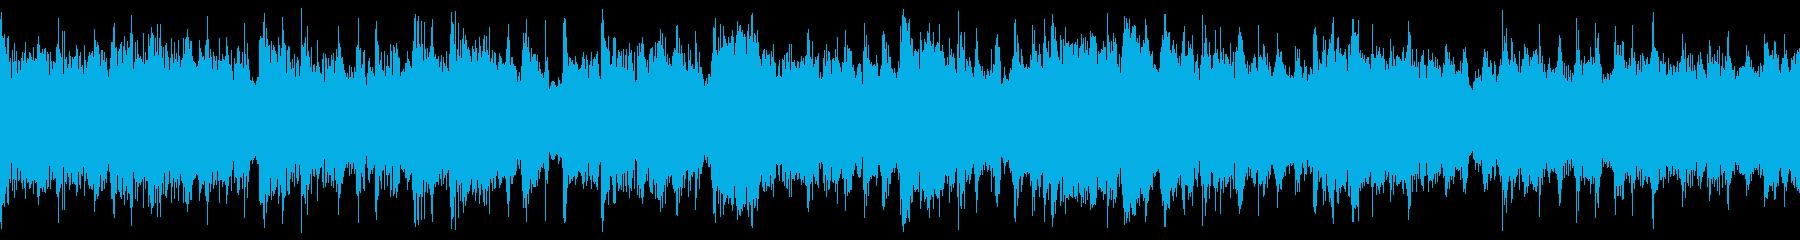 滑らかで温かみのあるサウンドの再生済みの波形